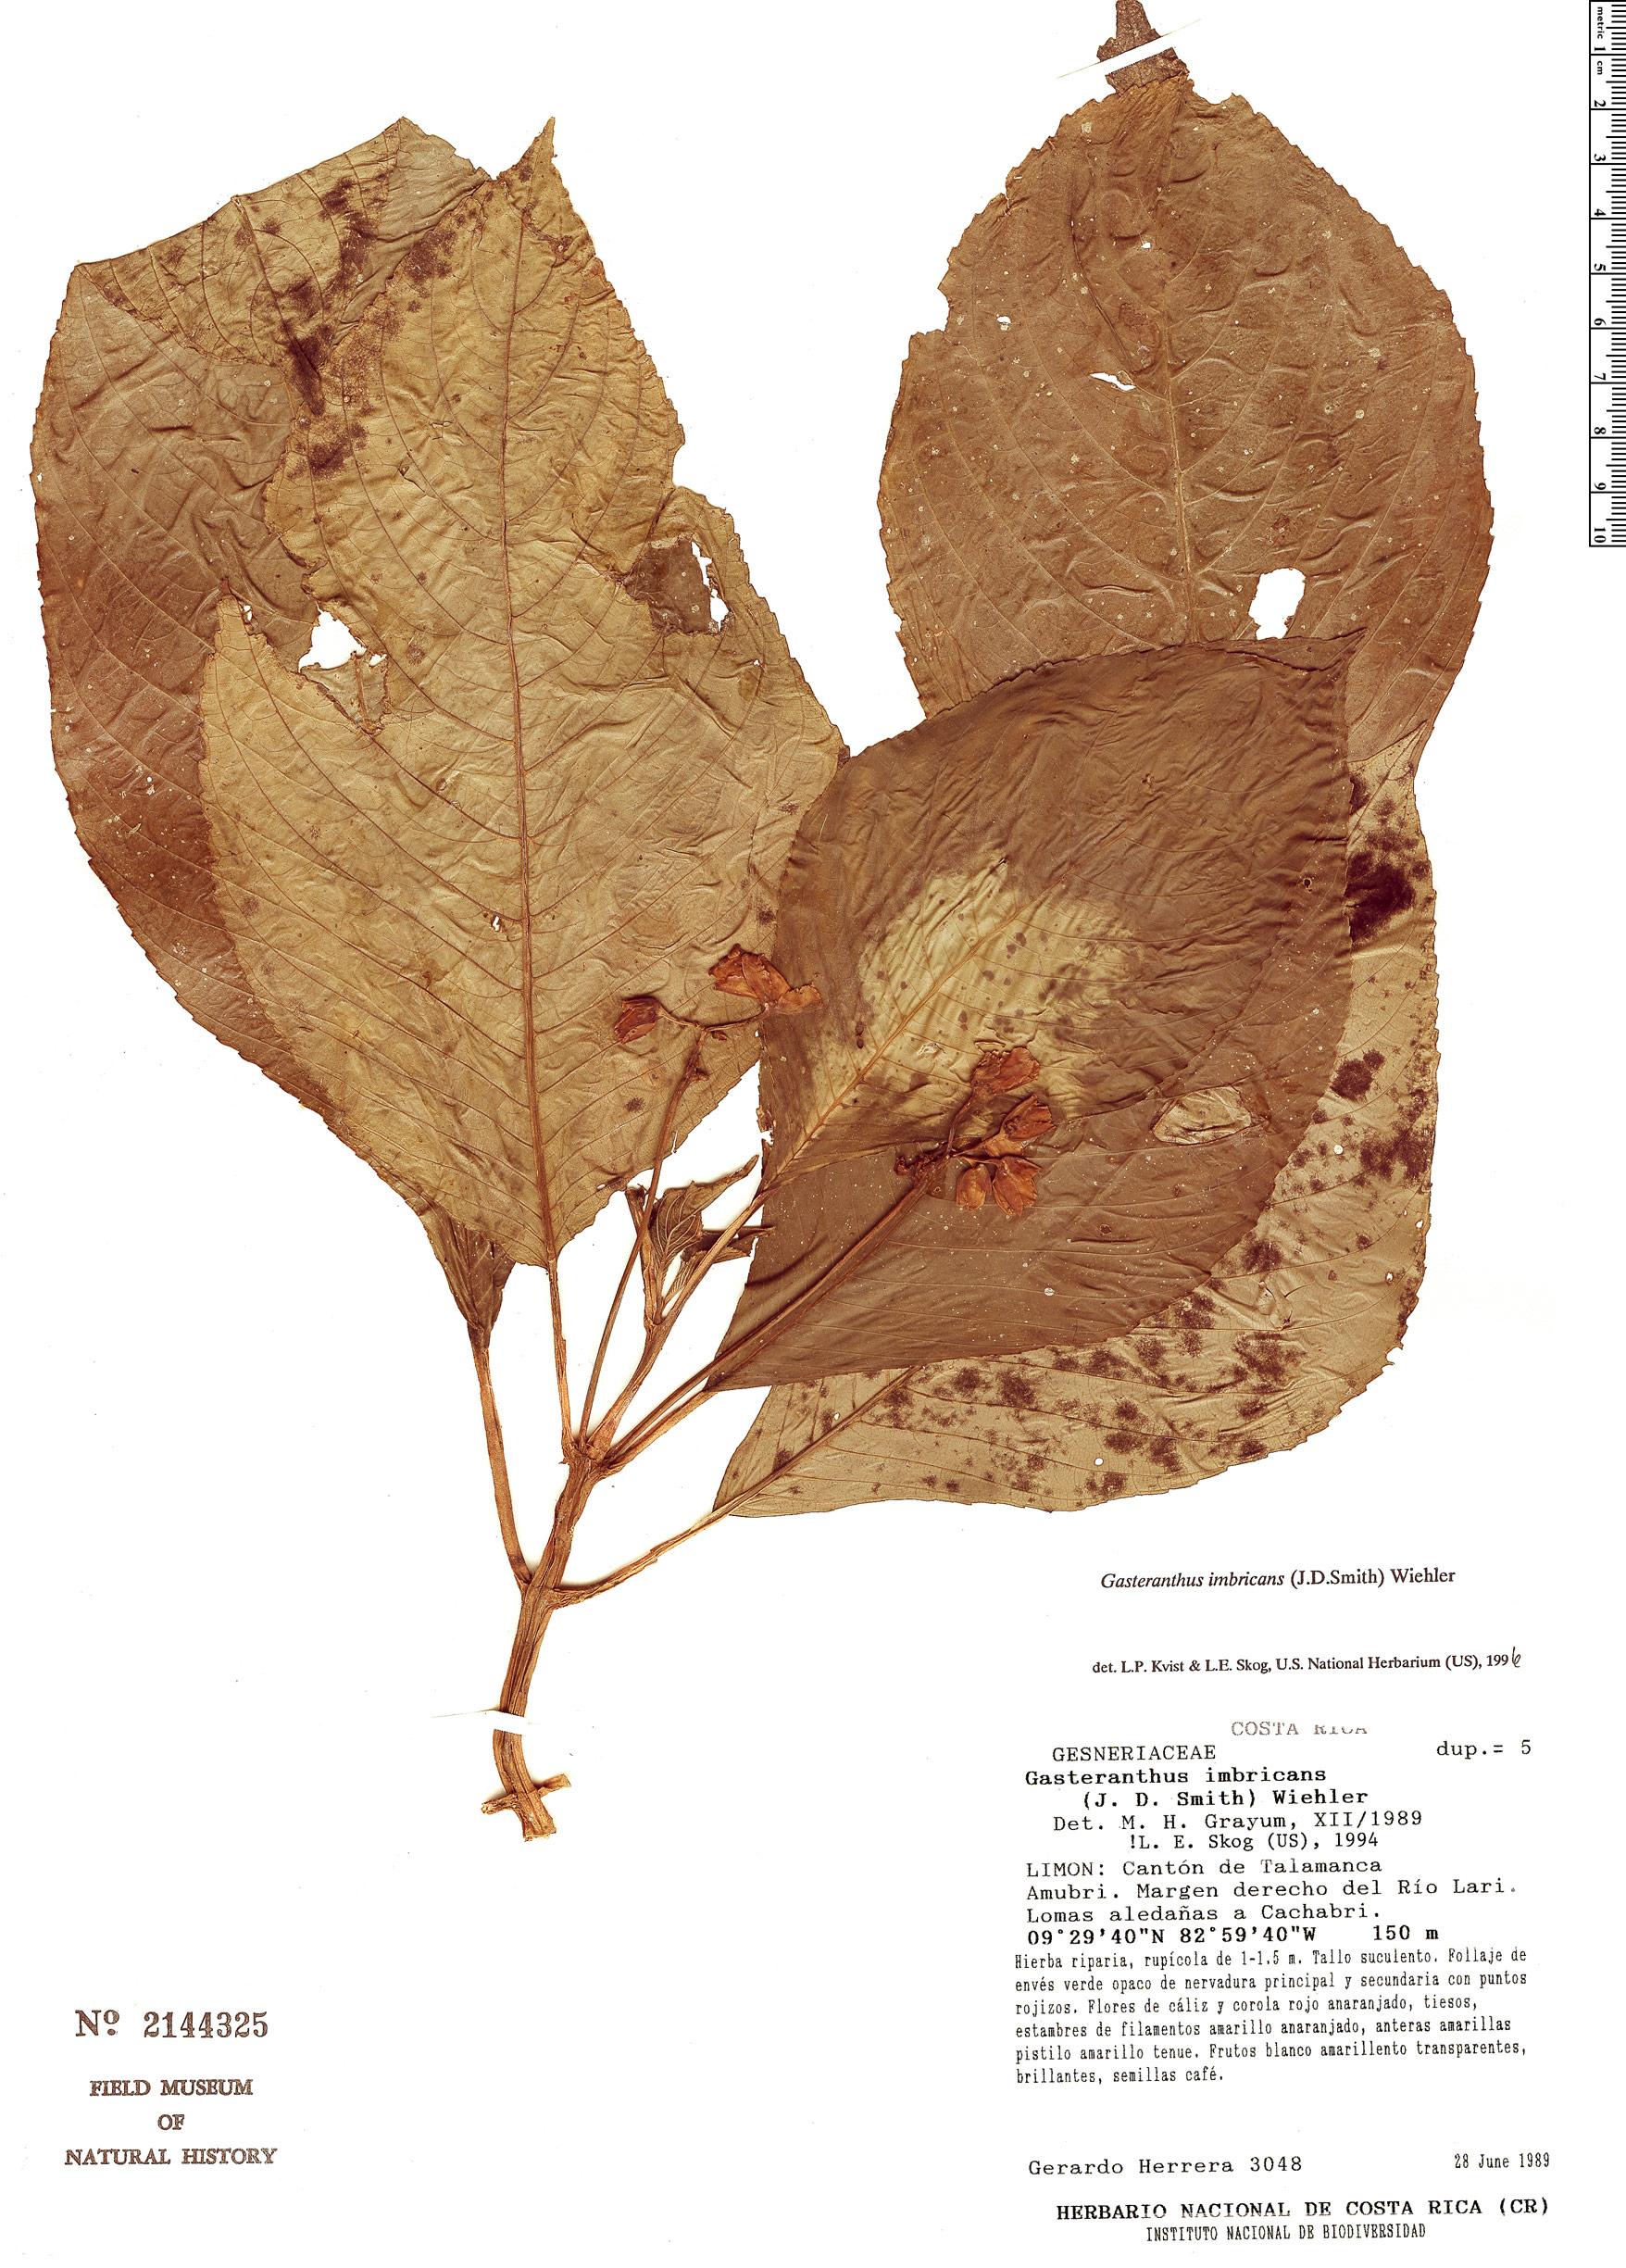 Specimen: Gasteranthus imbricans